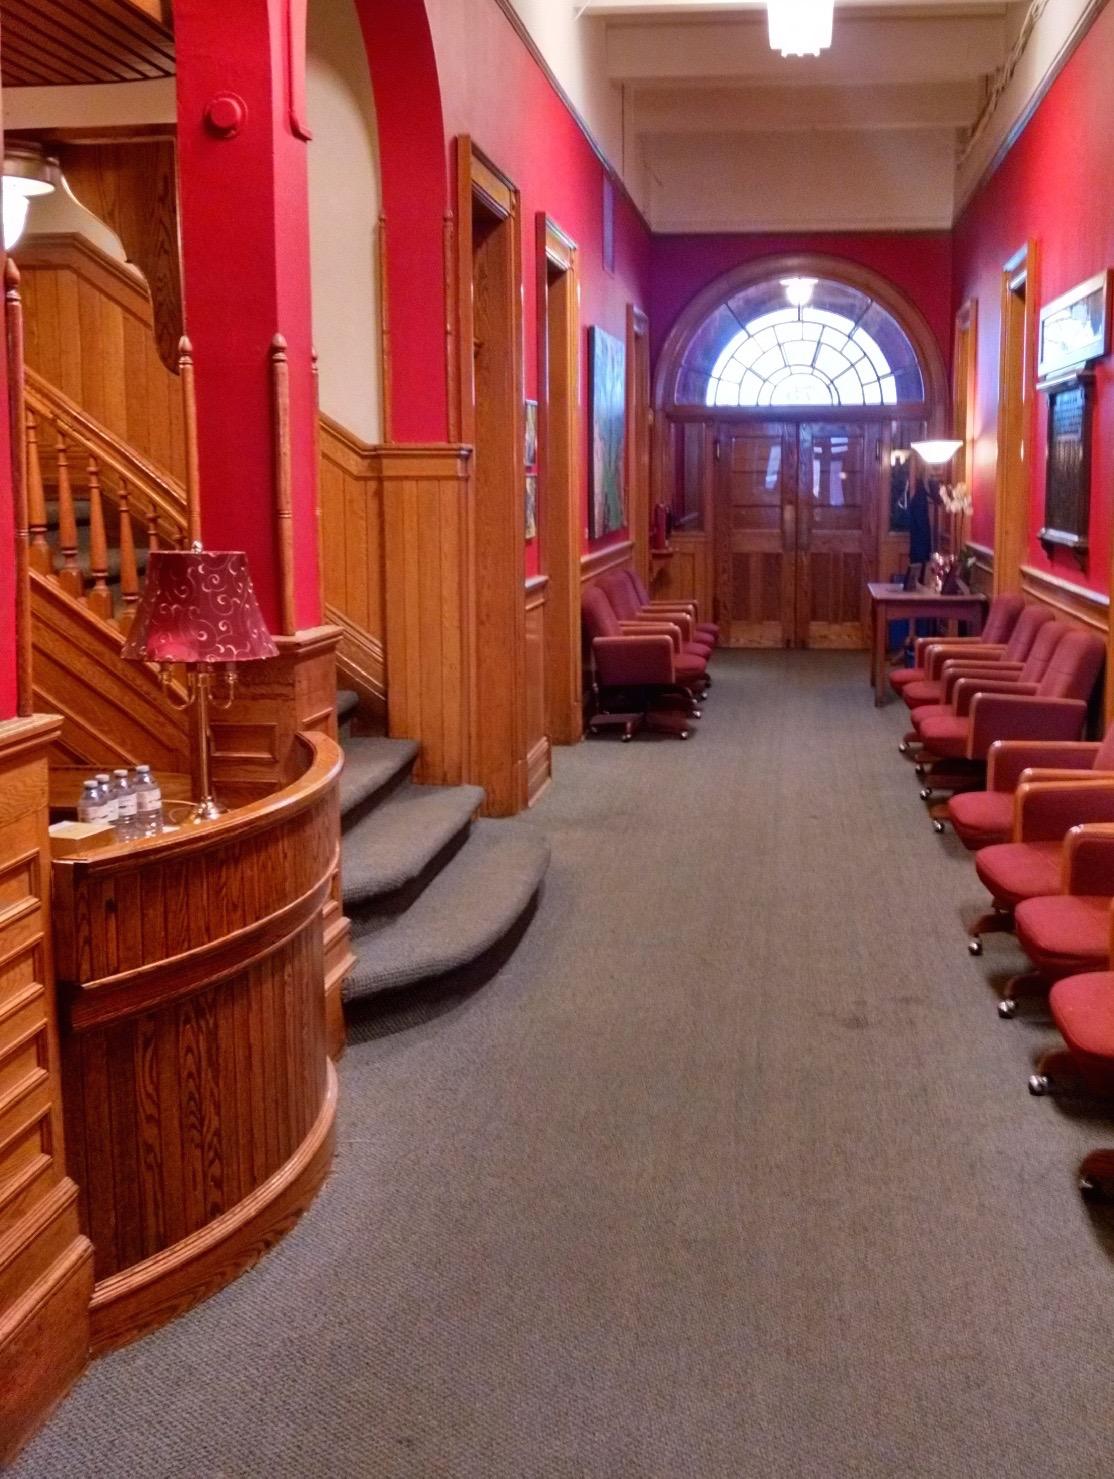 Hall d'entrée et escalier central du Conservatoire. Rangées de chaises alignées de chaque côté du hall d'entrée. Portes françaises et fenêtres au fond du hall.  Détails de l'escalier et du bureau de réception en bois.